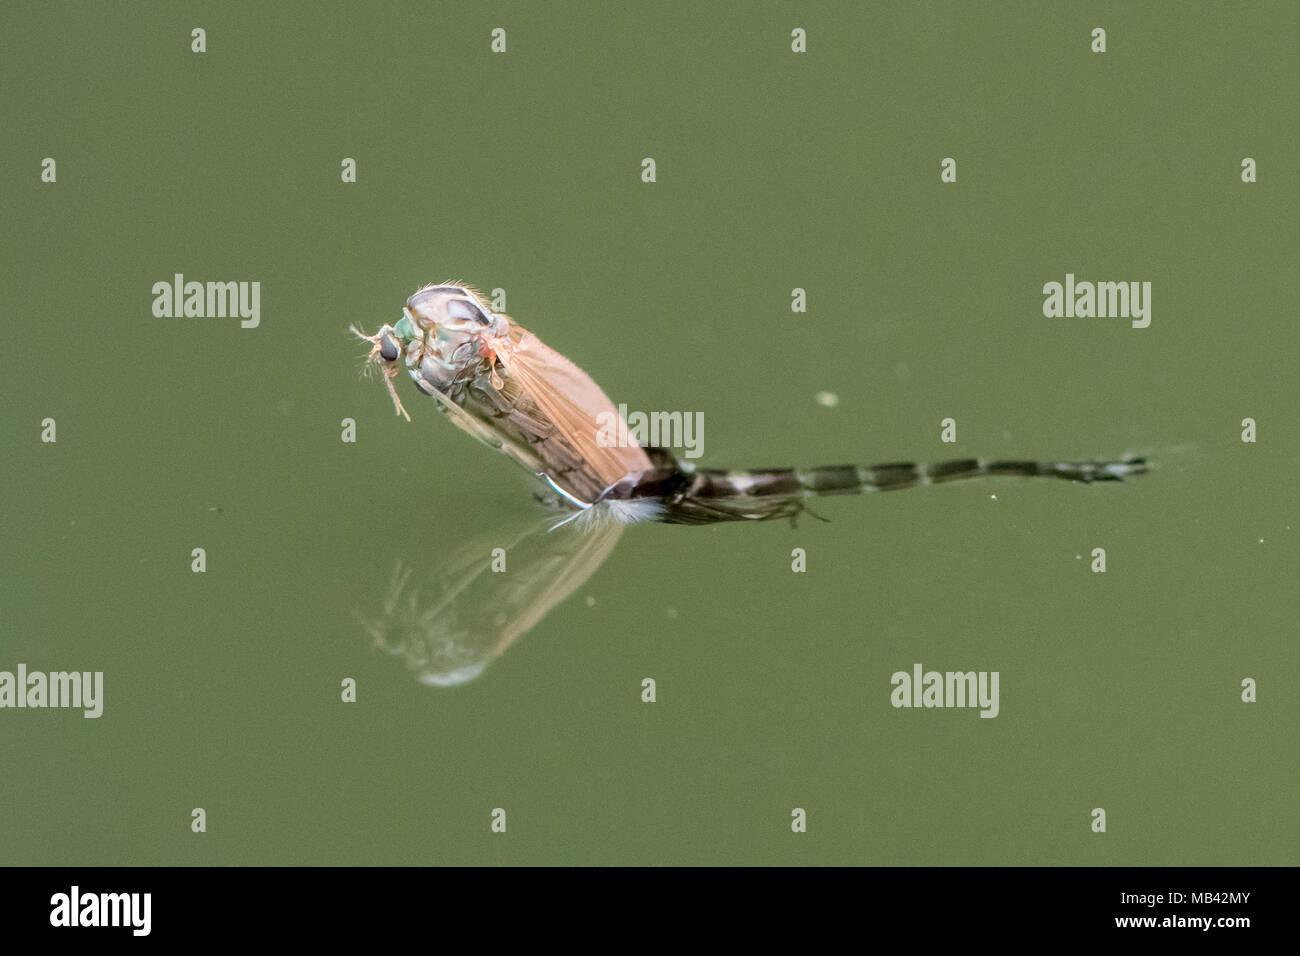 Midge (Chironomus plumosus) emergente dalla pupa. Imago femmina di non mordere midge nella famiglia Chironomidae Immagini Stock